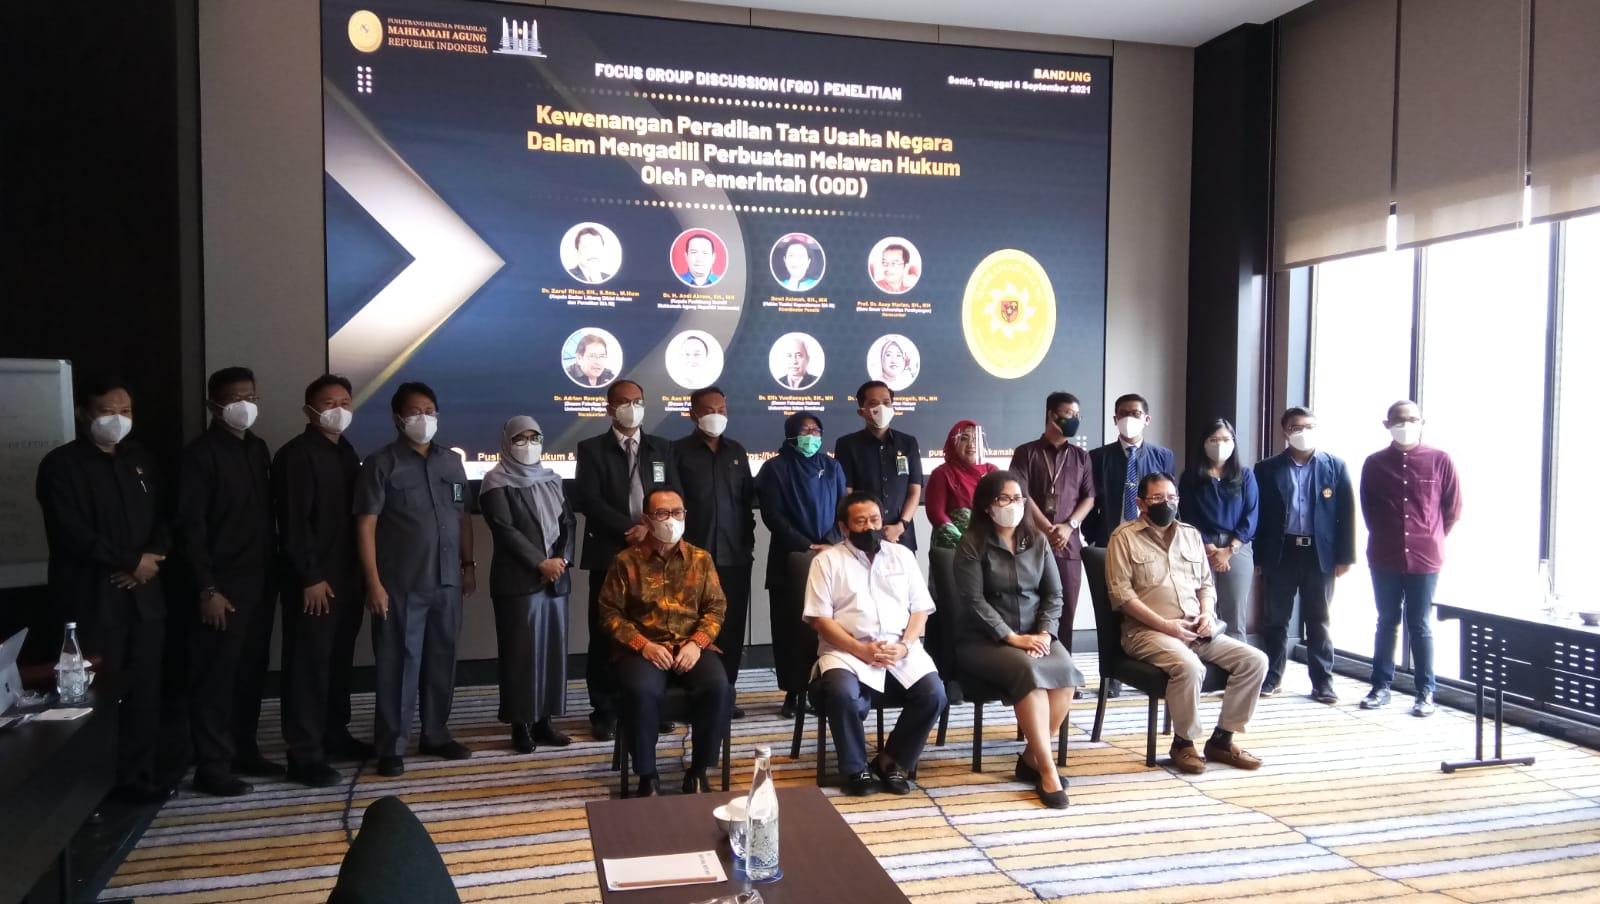 Focus Group Discussion Kewenangan Peradilan tata Usaha Negara dalam Mengadili Perbuatan Melawan Hukum Pemerintah (OOD)